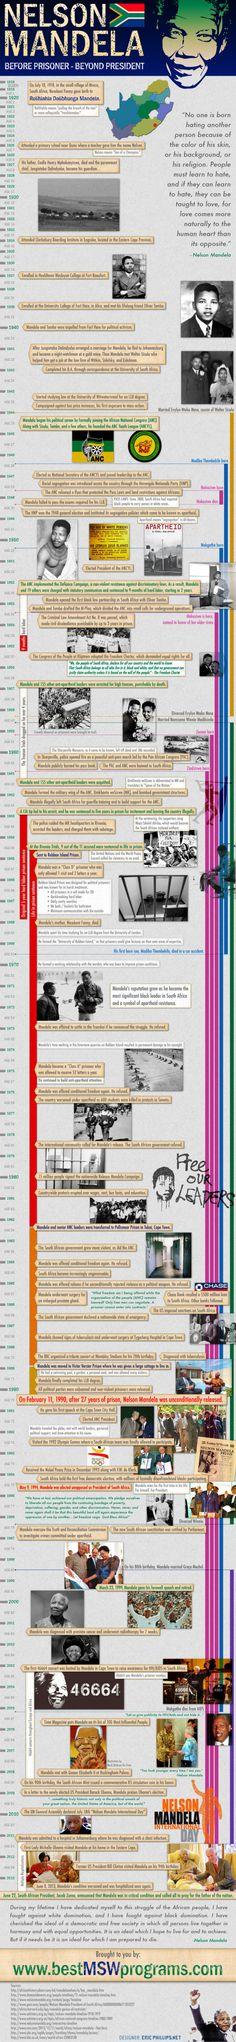 Nelson Mandela: Before Prisoner, Beyond President [INFOGRAPHIC] #NelsonMandela